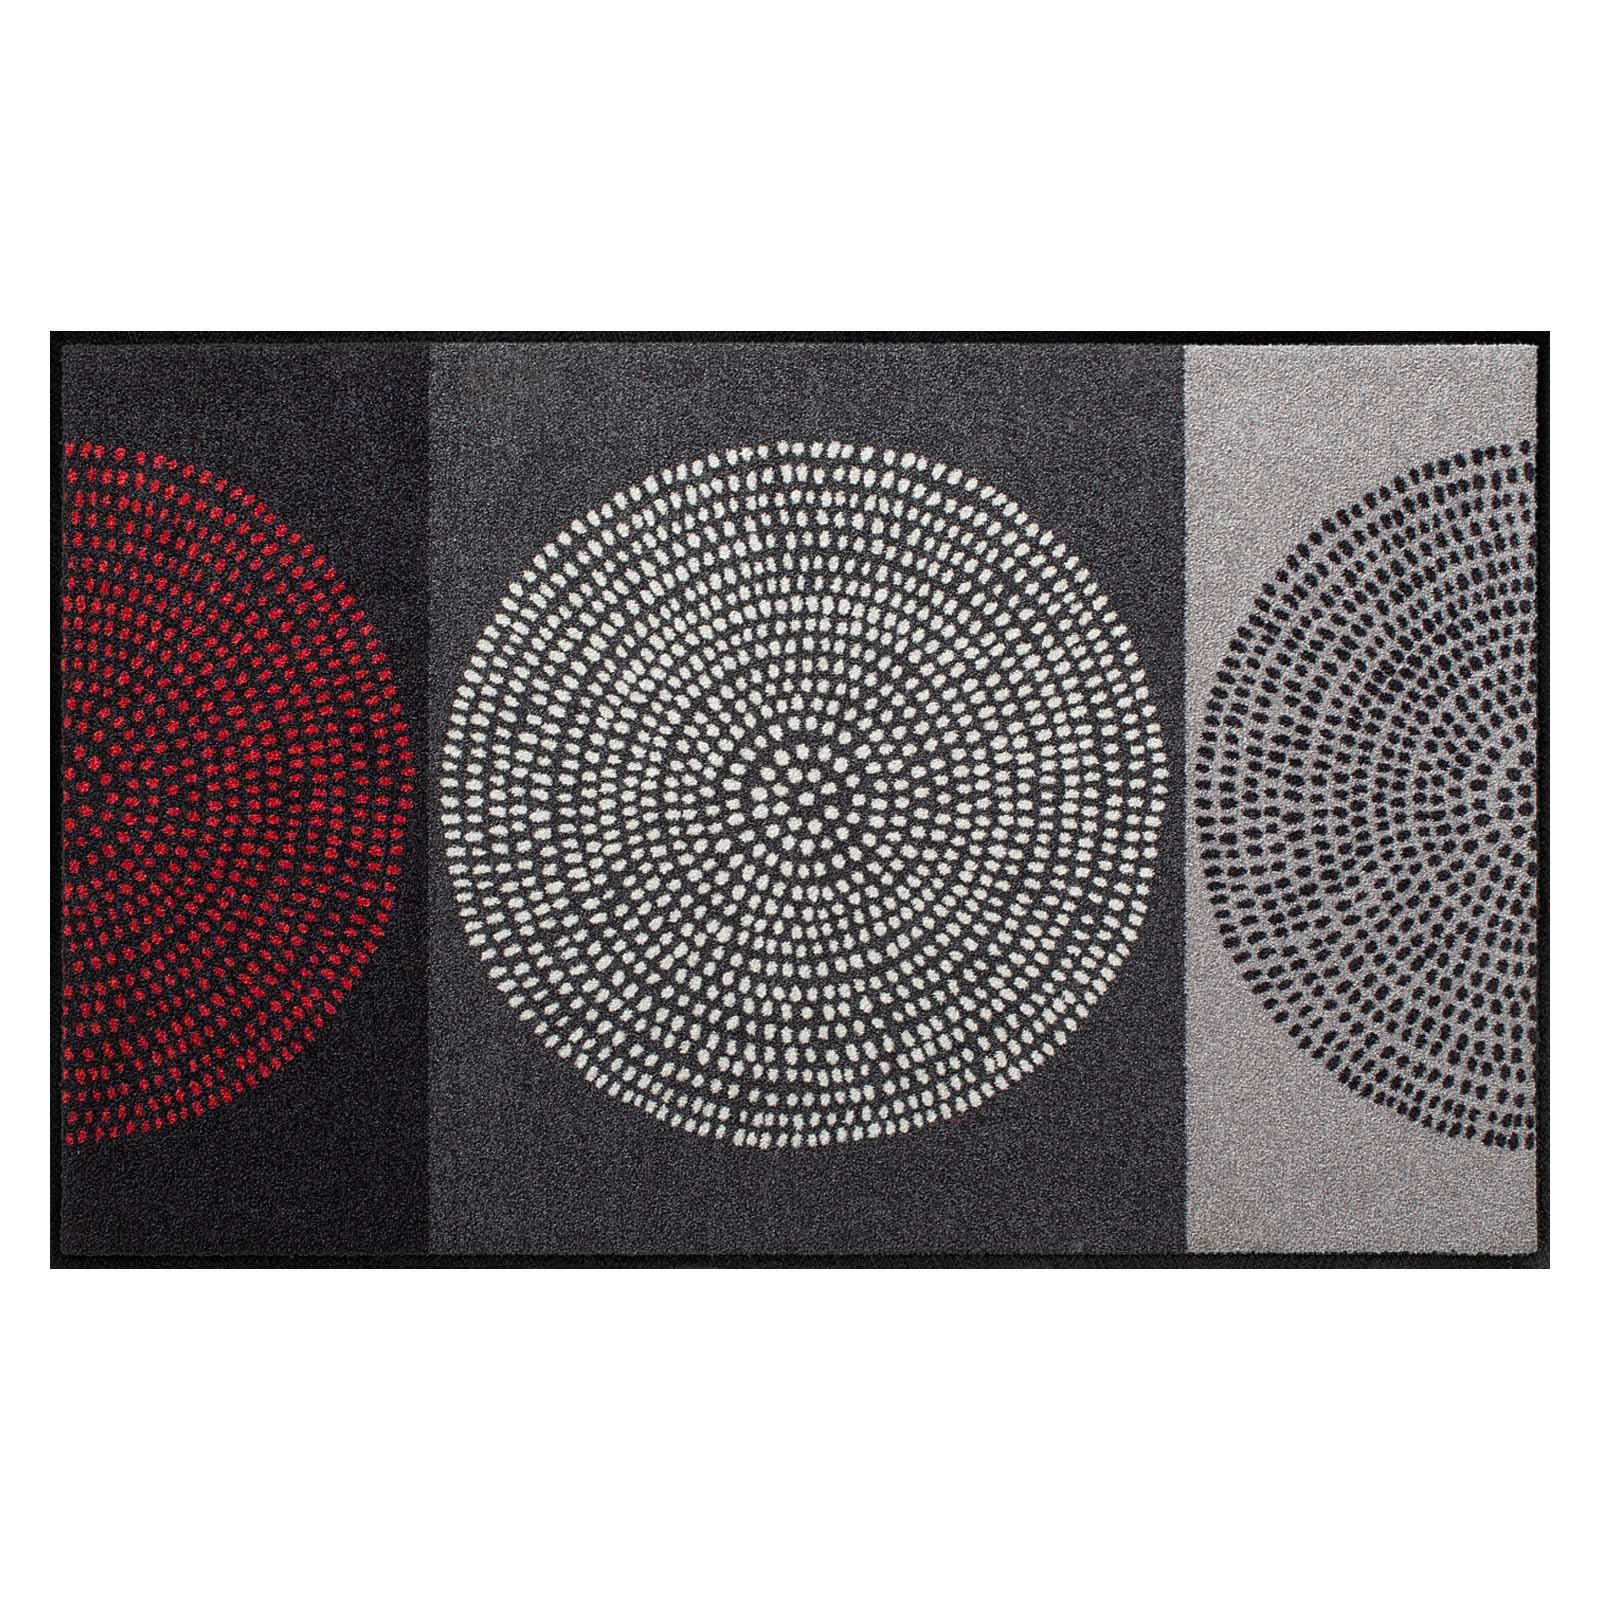 salonloewe fu matte waschbar nestor 75x120 cm sld0847 075x120 eingang garten fu matten. Black Bedroom Furniture Sets. Home Design Ideas